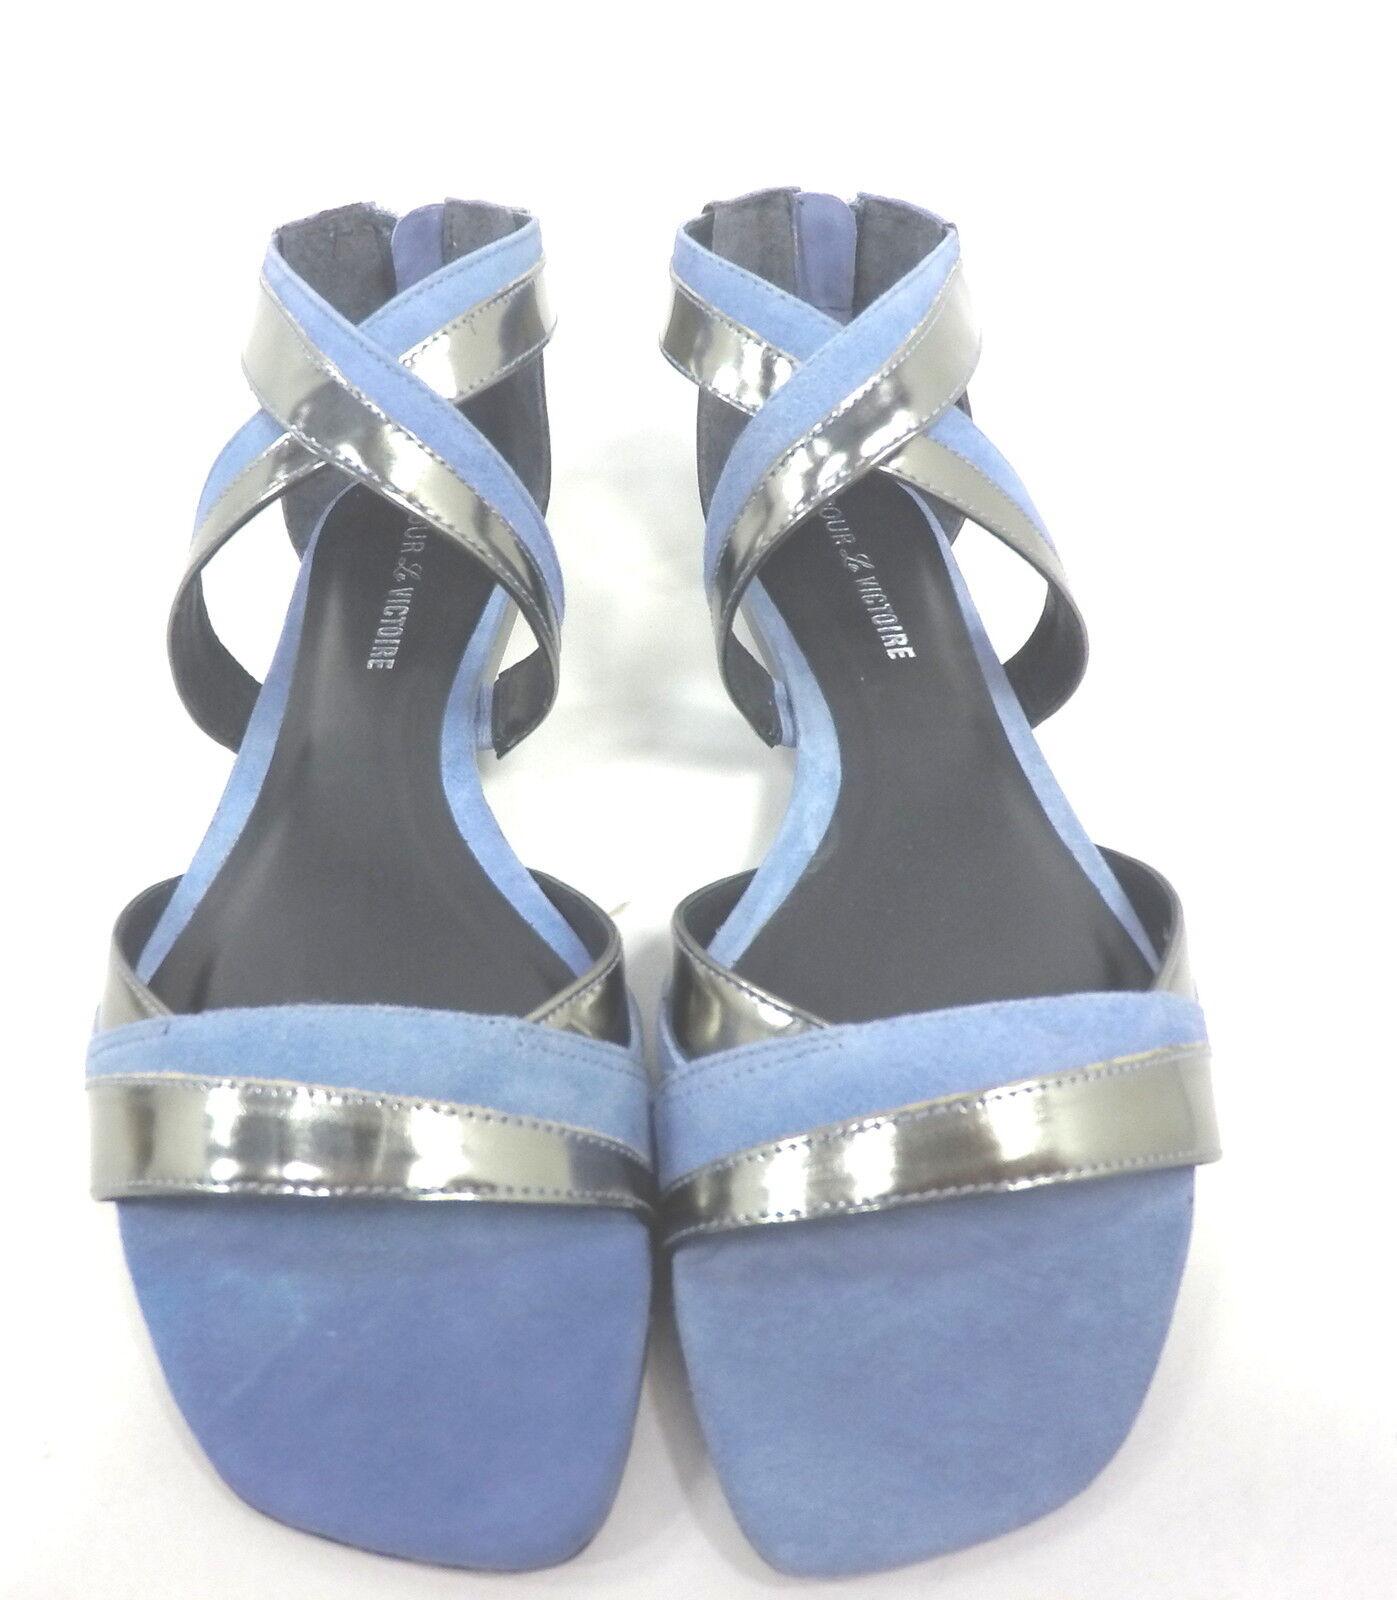 POUR LA VICTOIRE, Blau, BRIENNE SANDAL, Damenschuhe, PEWTER/DUSTY Blau, VICTOIRE, US 9.5 M, EURO 39.5 0e5006